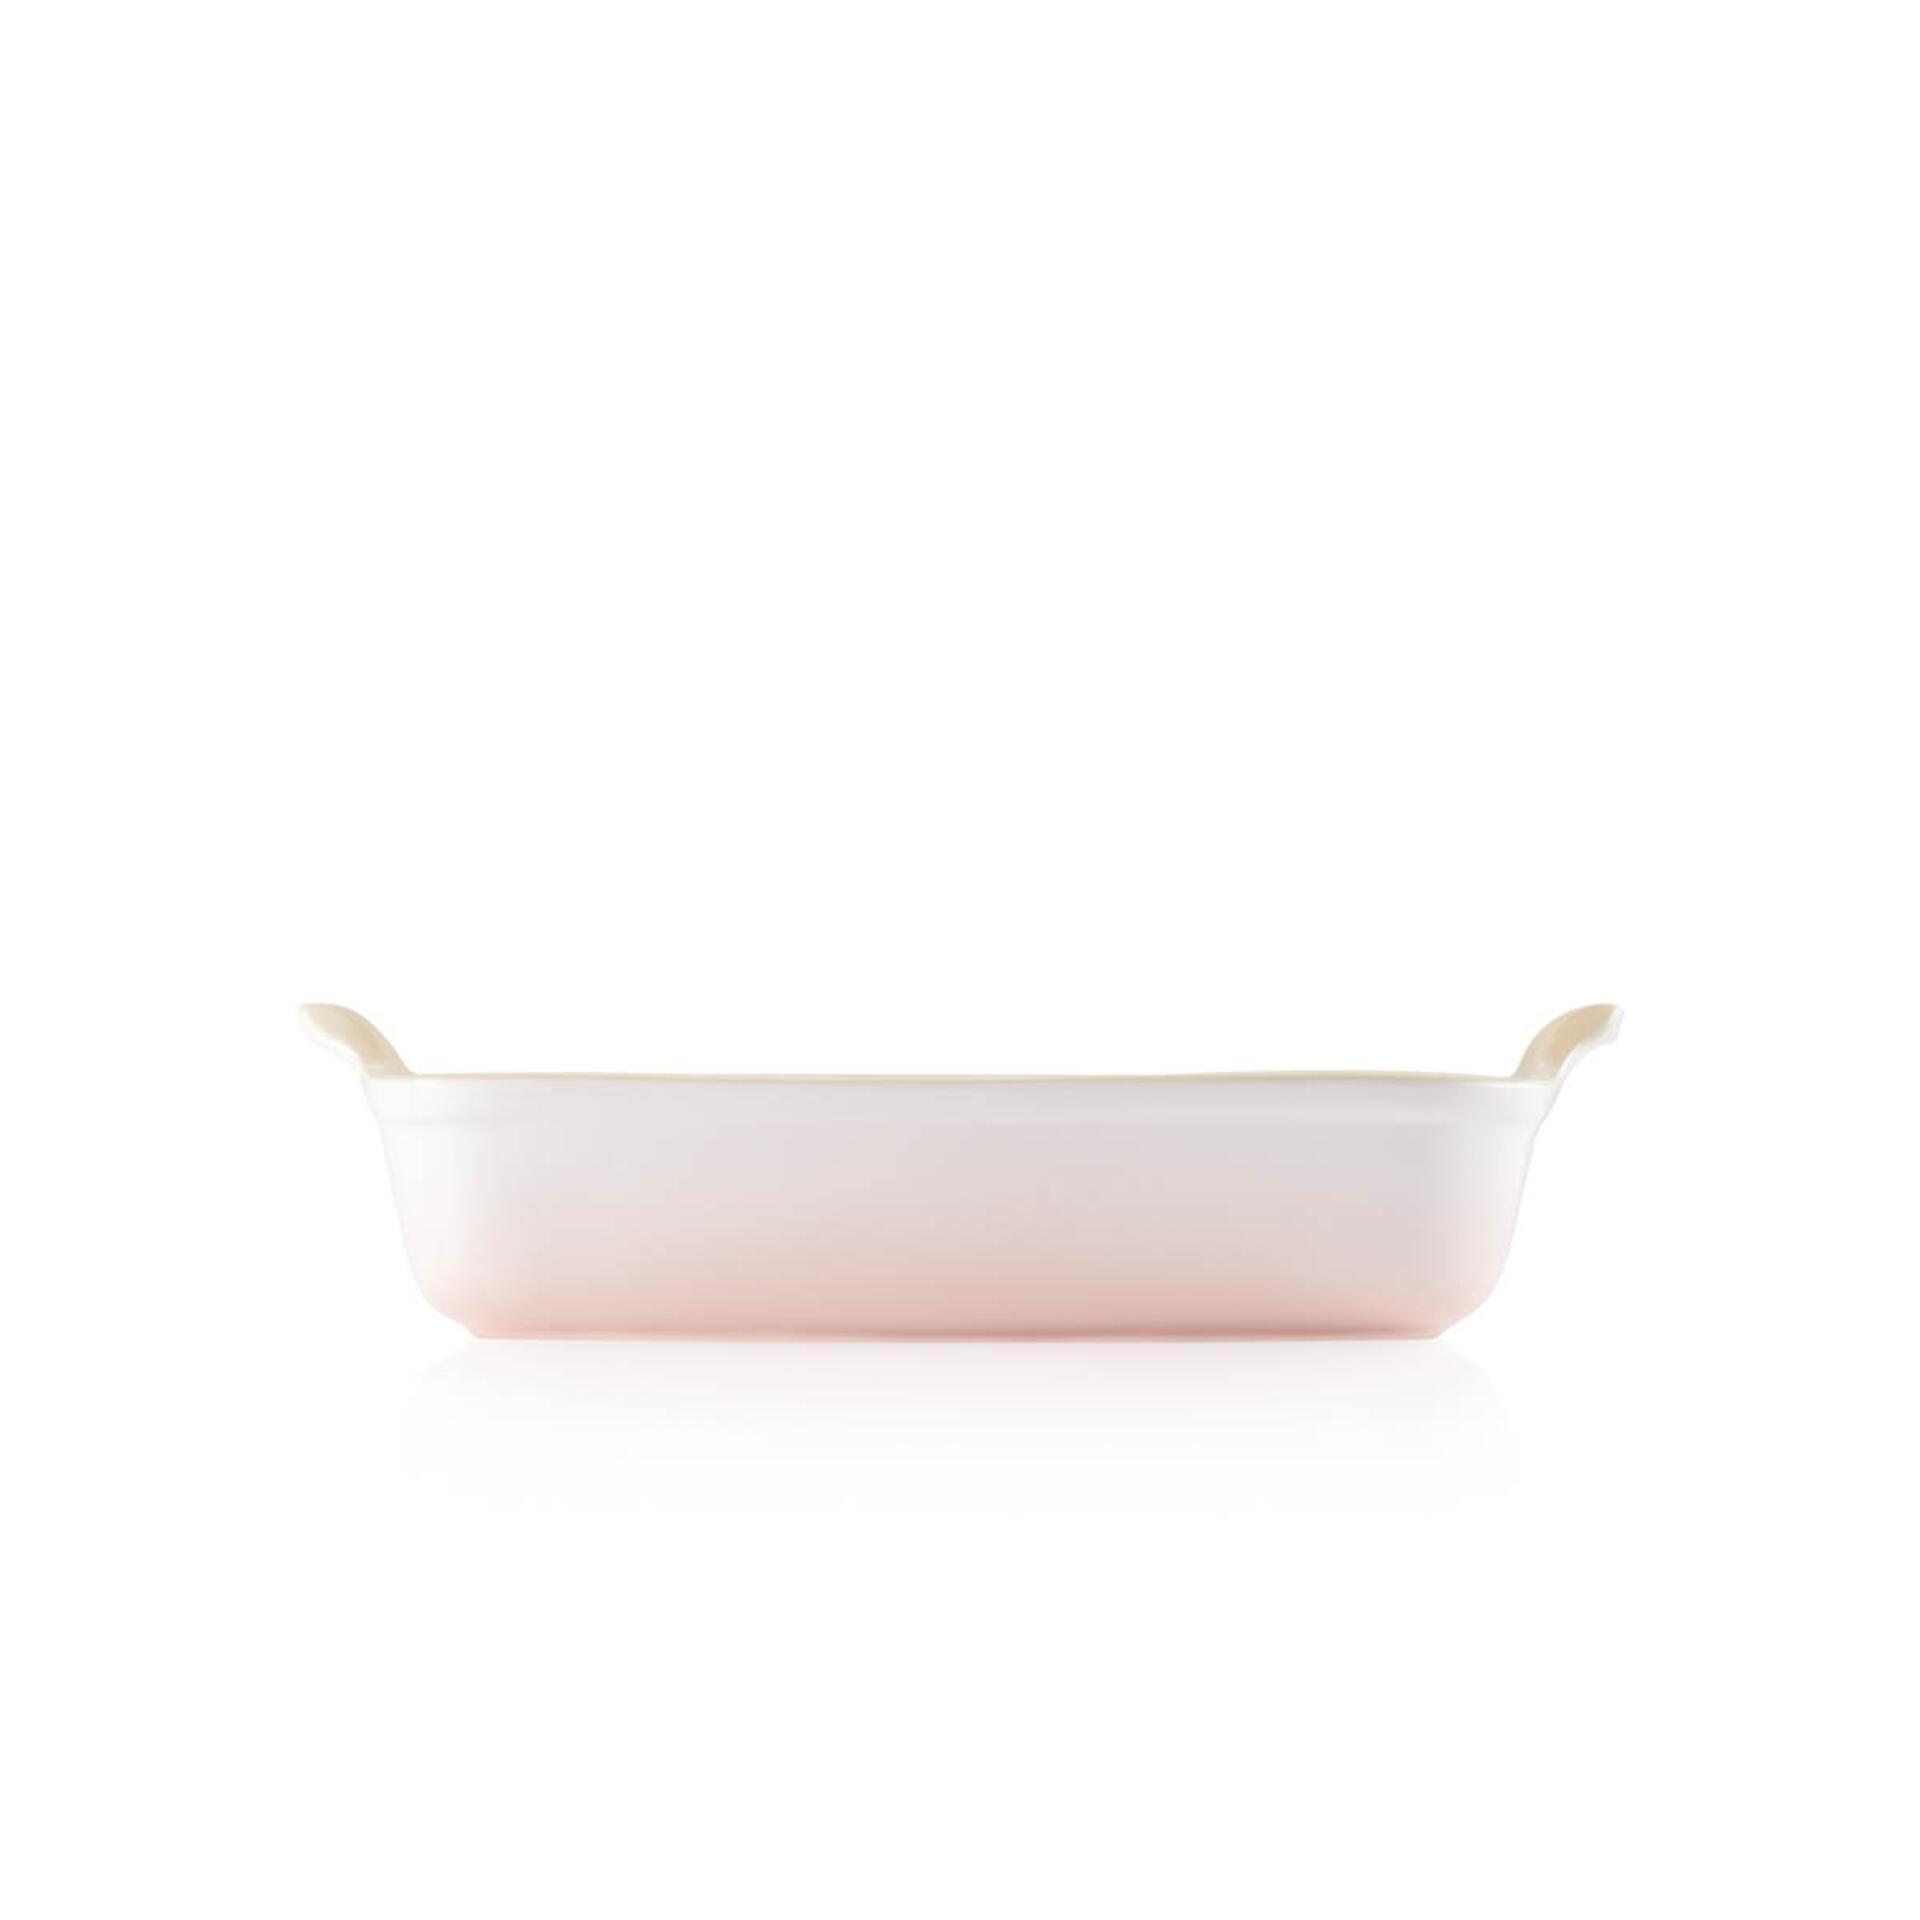 Le Creuset Auflaufform 26 x 17 cm Shell Pink